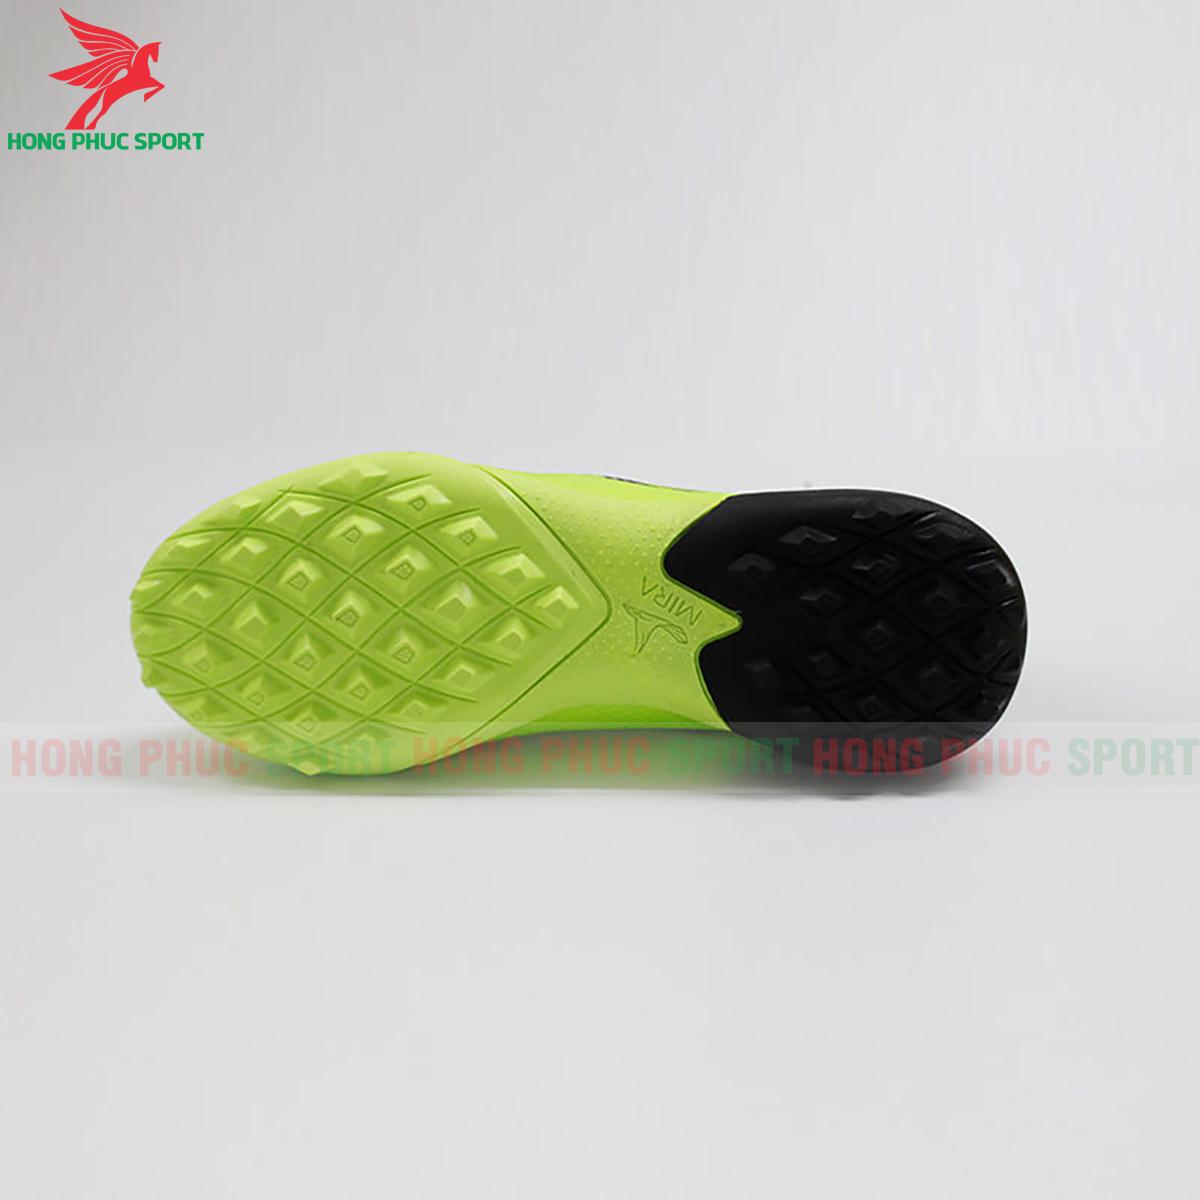 Giày Mira Lux 20.3 sân cỏ nhân tạo xanh chuối phối đen (đế)